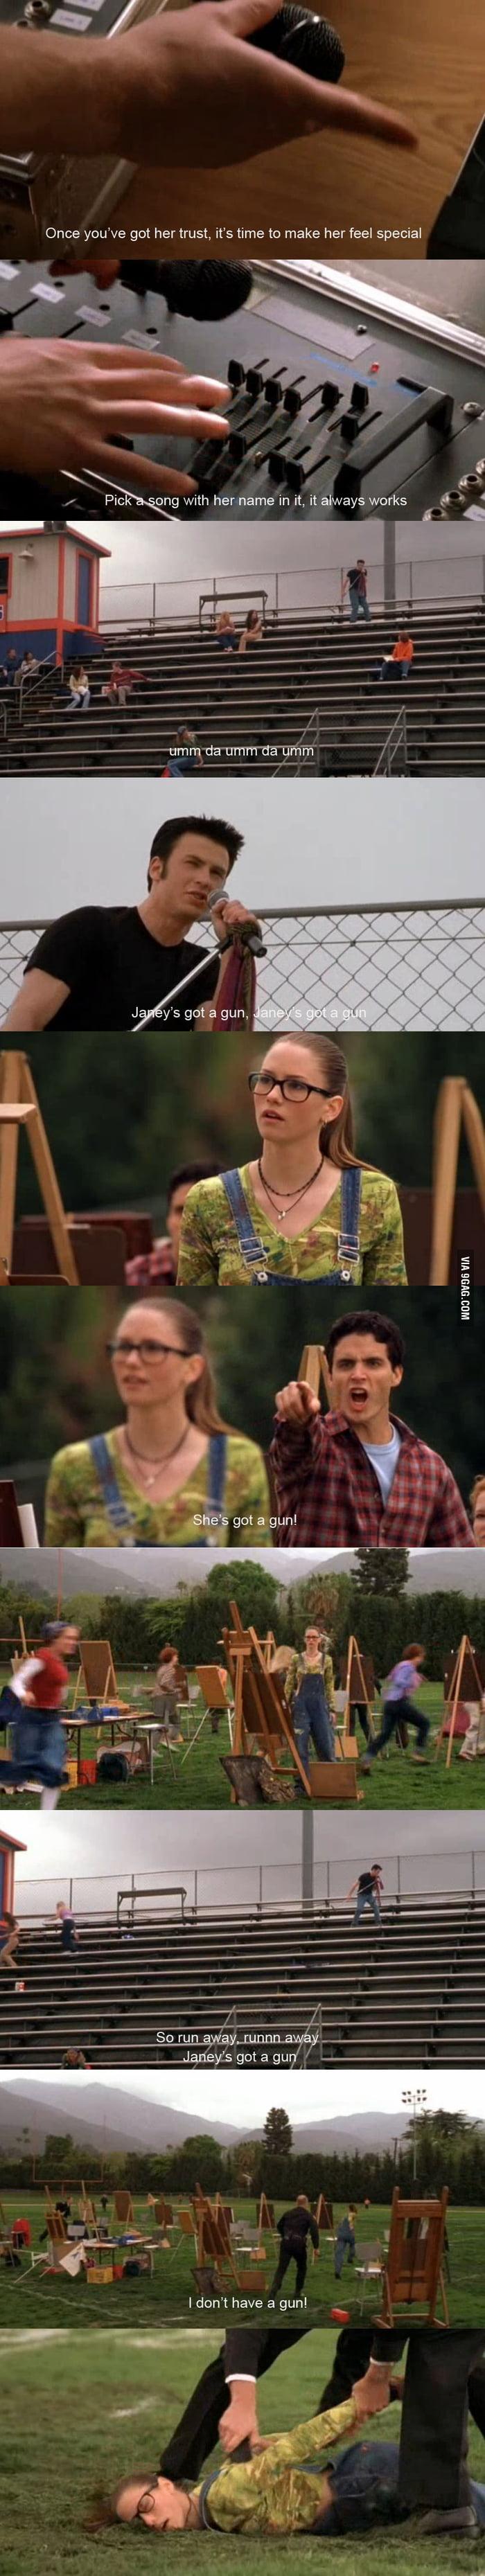 My favorite scene